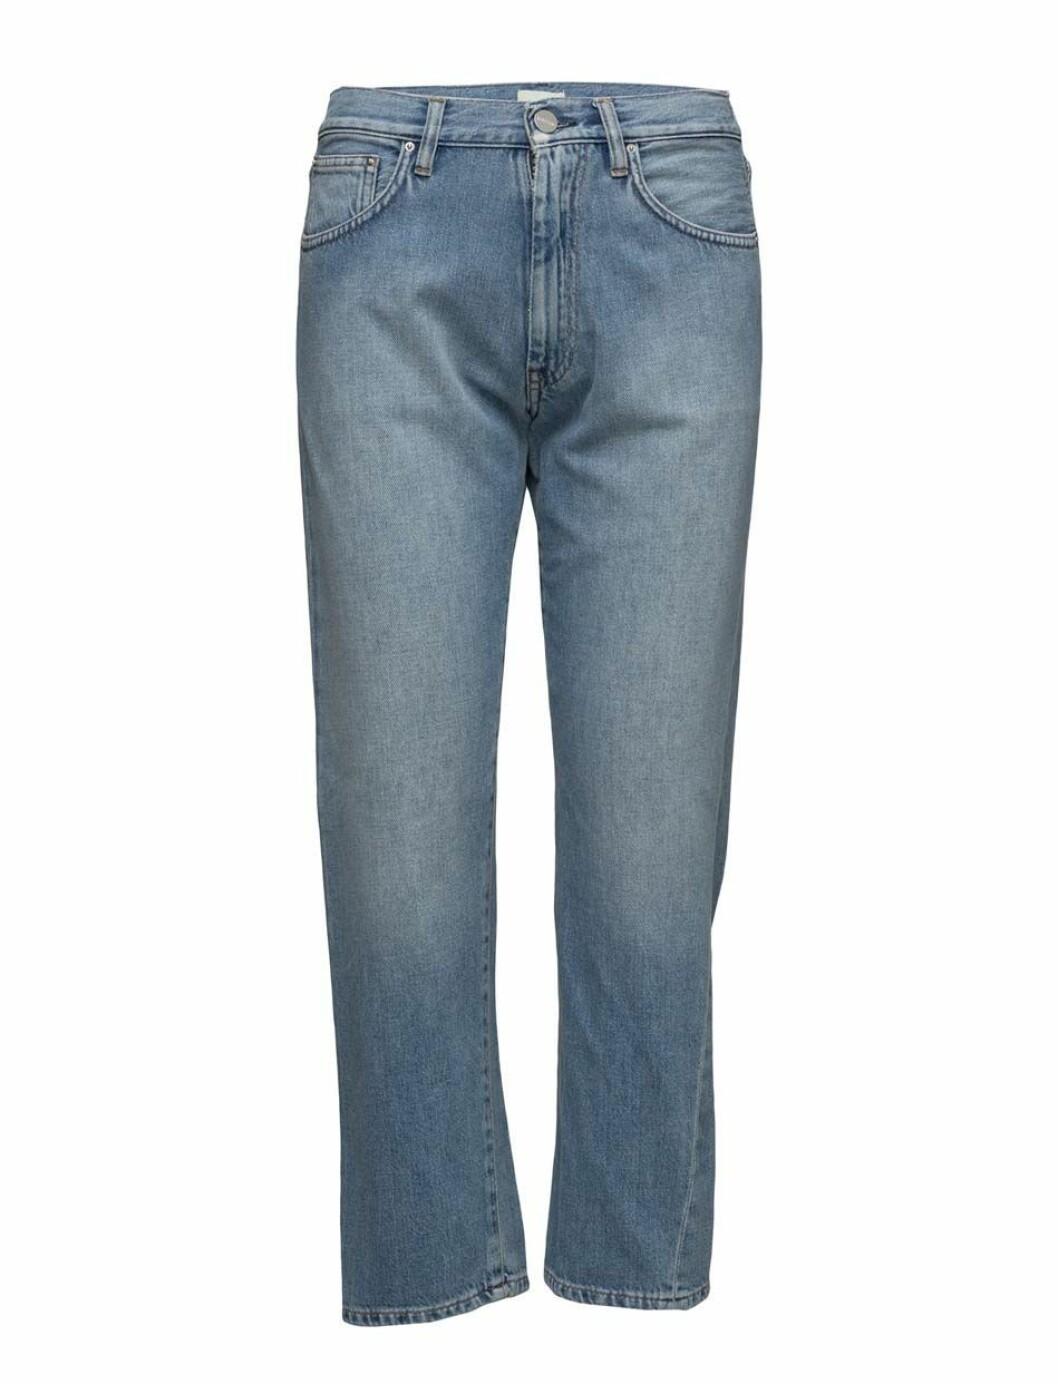 Jeans från Toteme, läs mer och köp här.